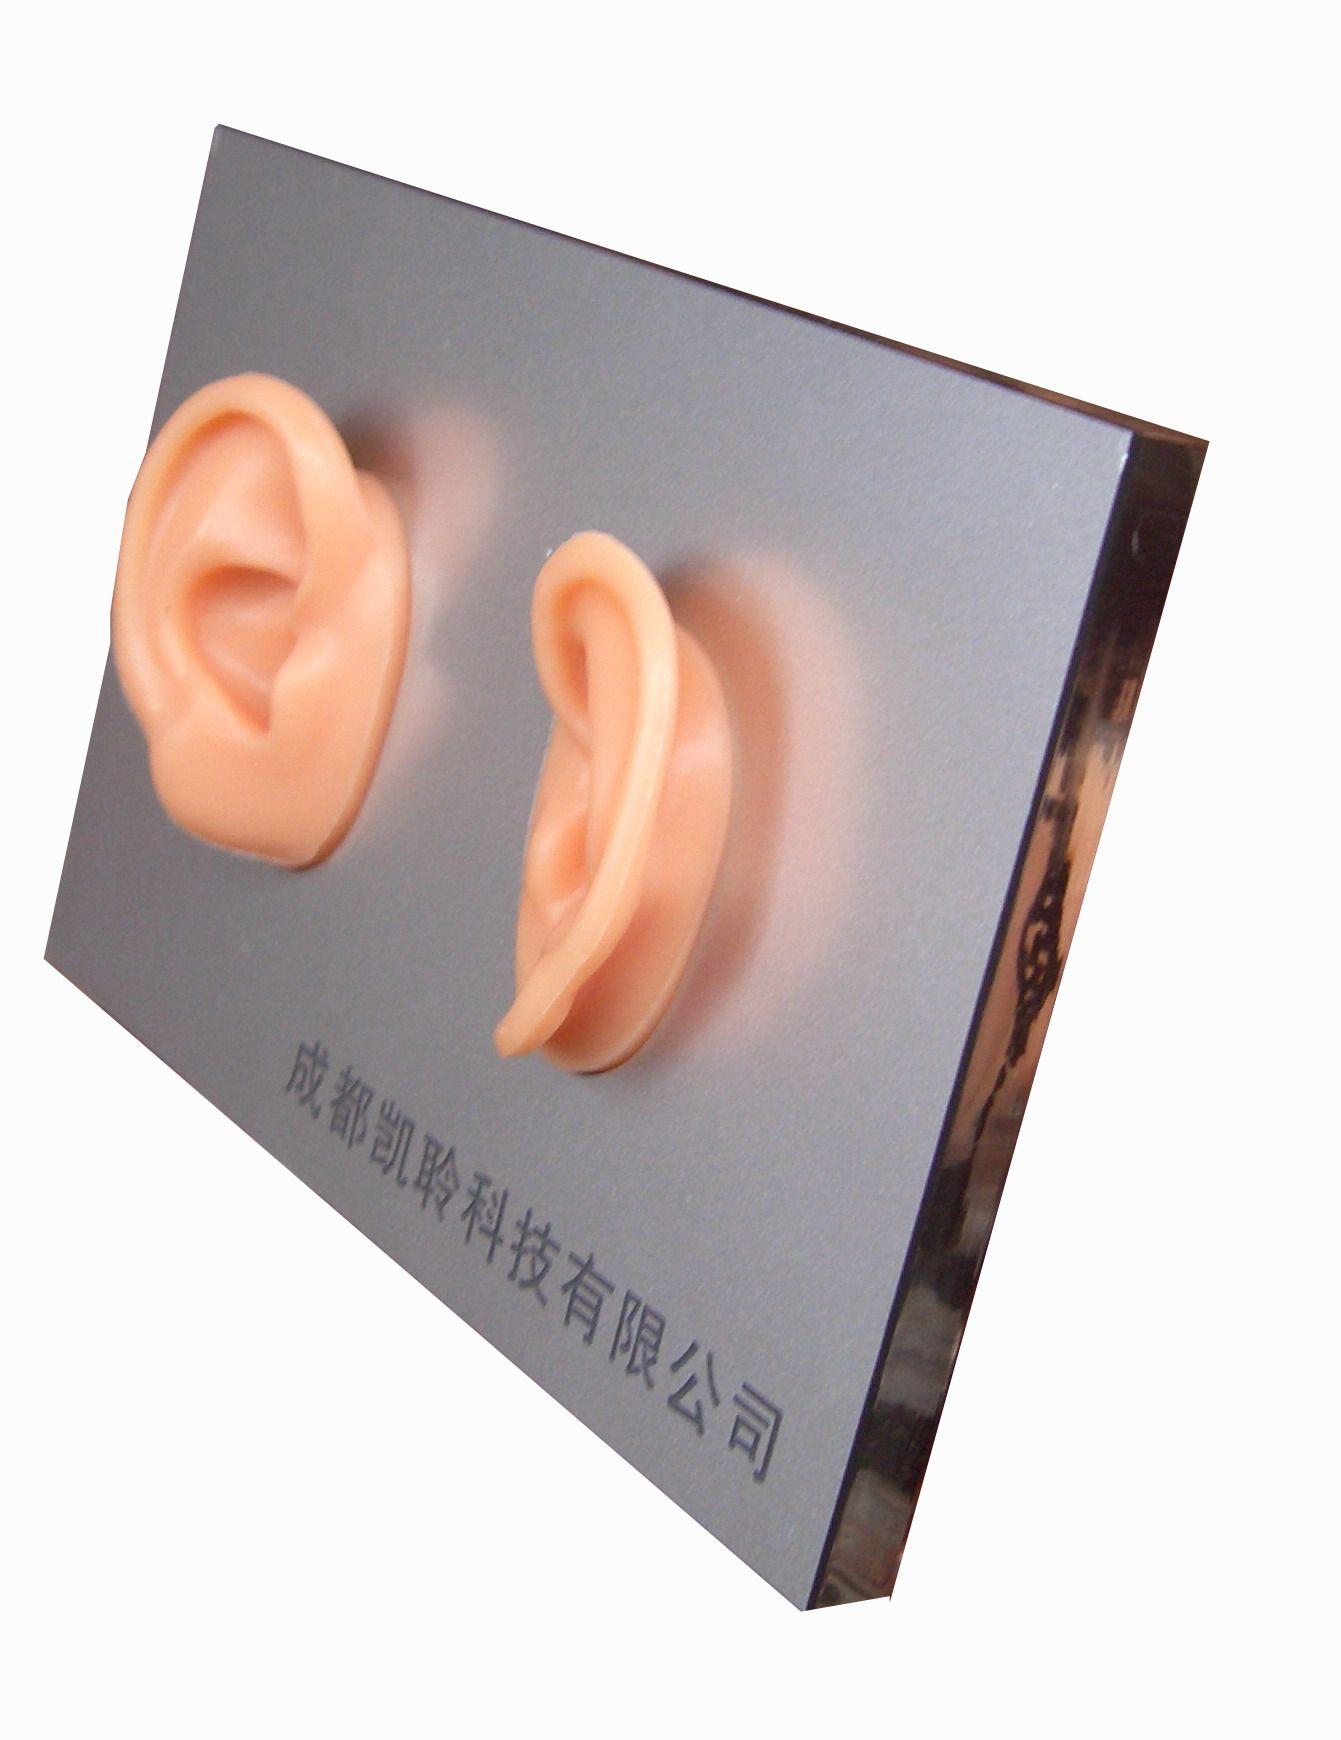 助听器配件耳朵展架哪家好